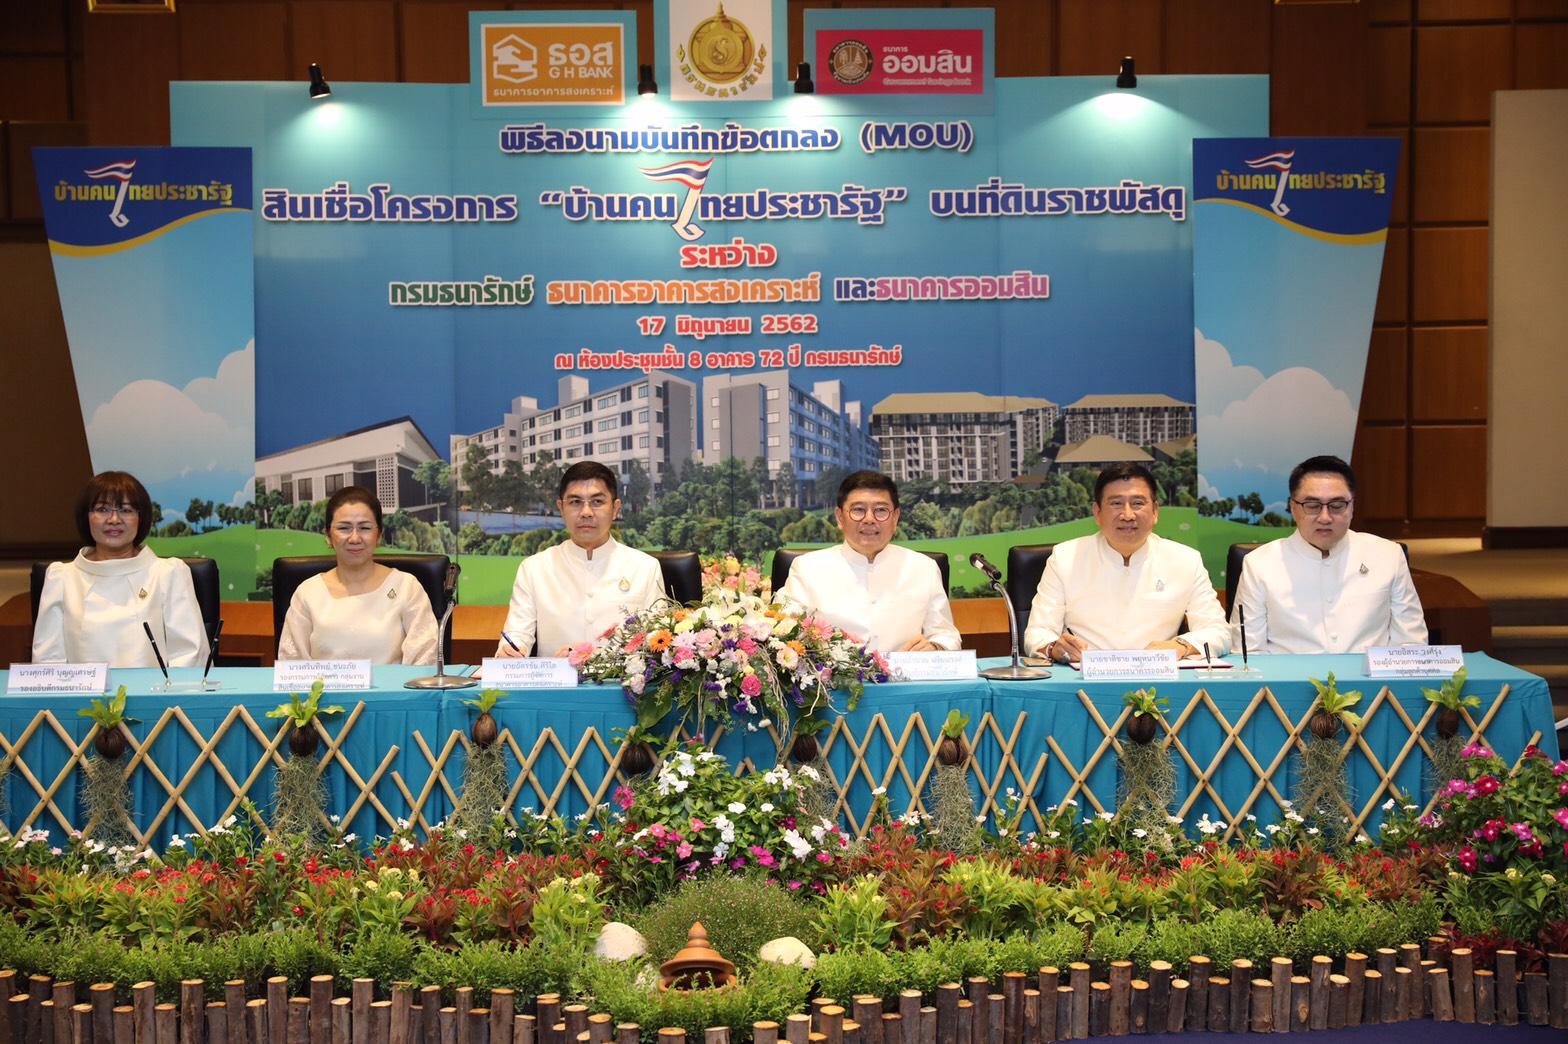 """ธอส. สนับสนุนโครงการ """"บ้านคนไทยประชารัฐ"""" บนที่ดินราชพัสดุ"""